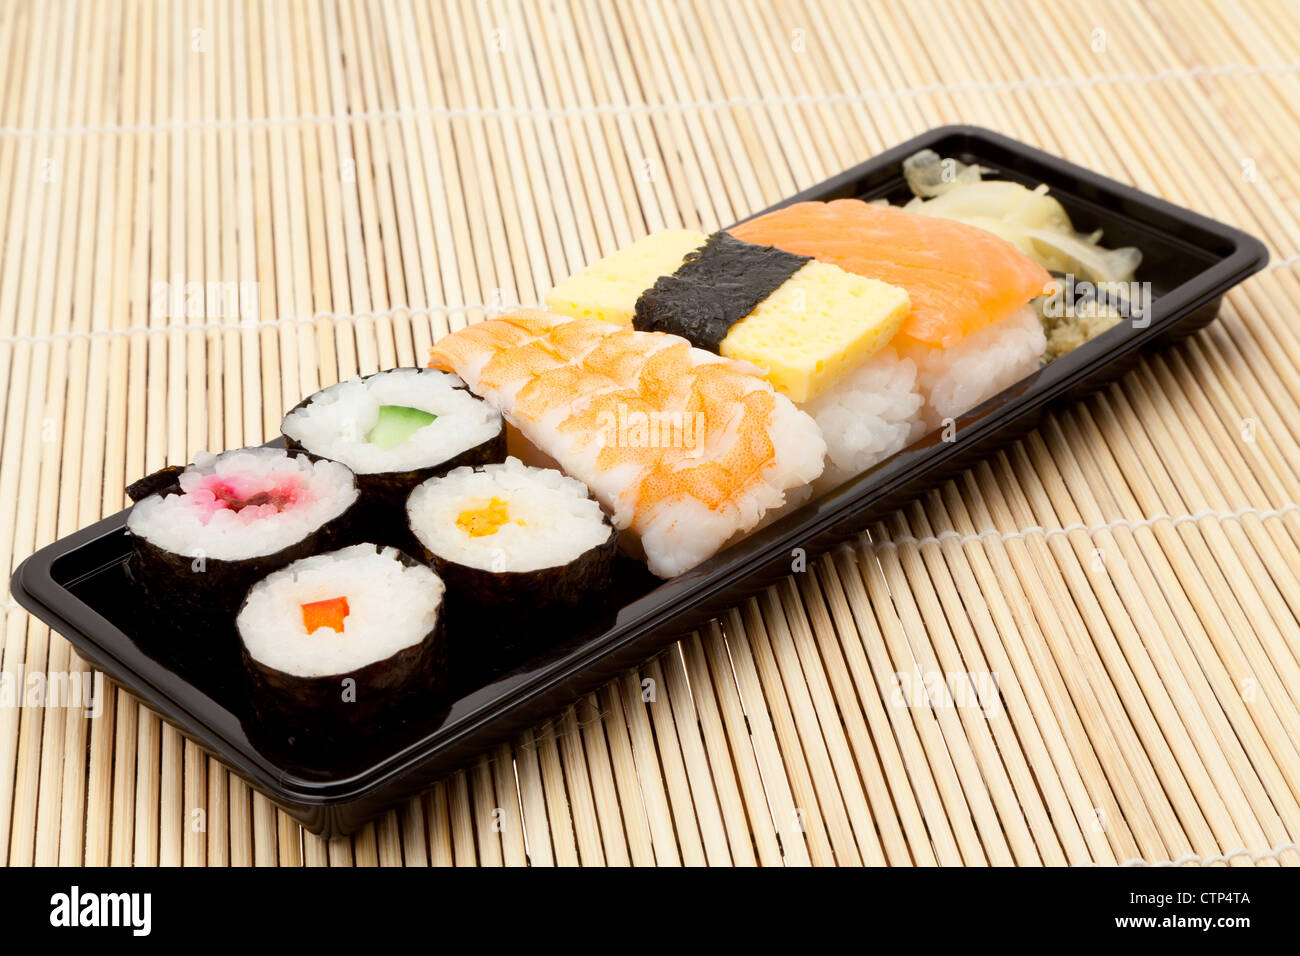 Le bac de divers éléments sur un Sushi place mat - studio shot Photo Stock